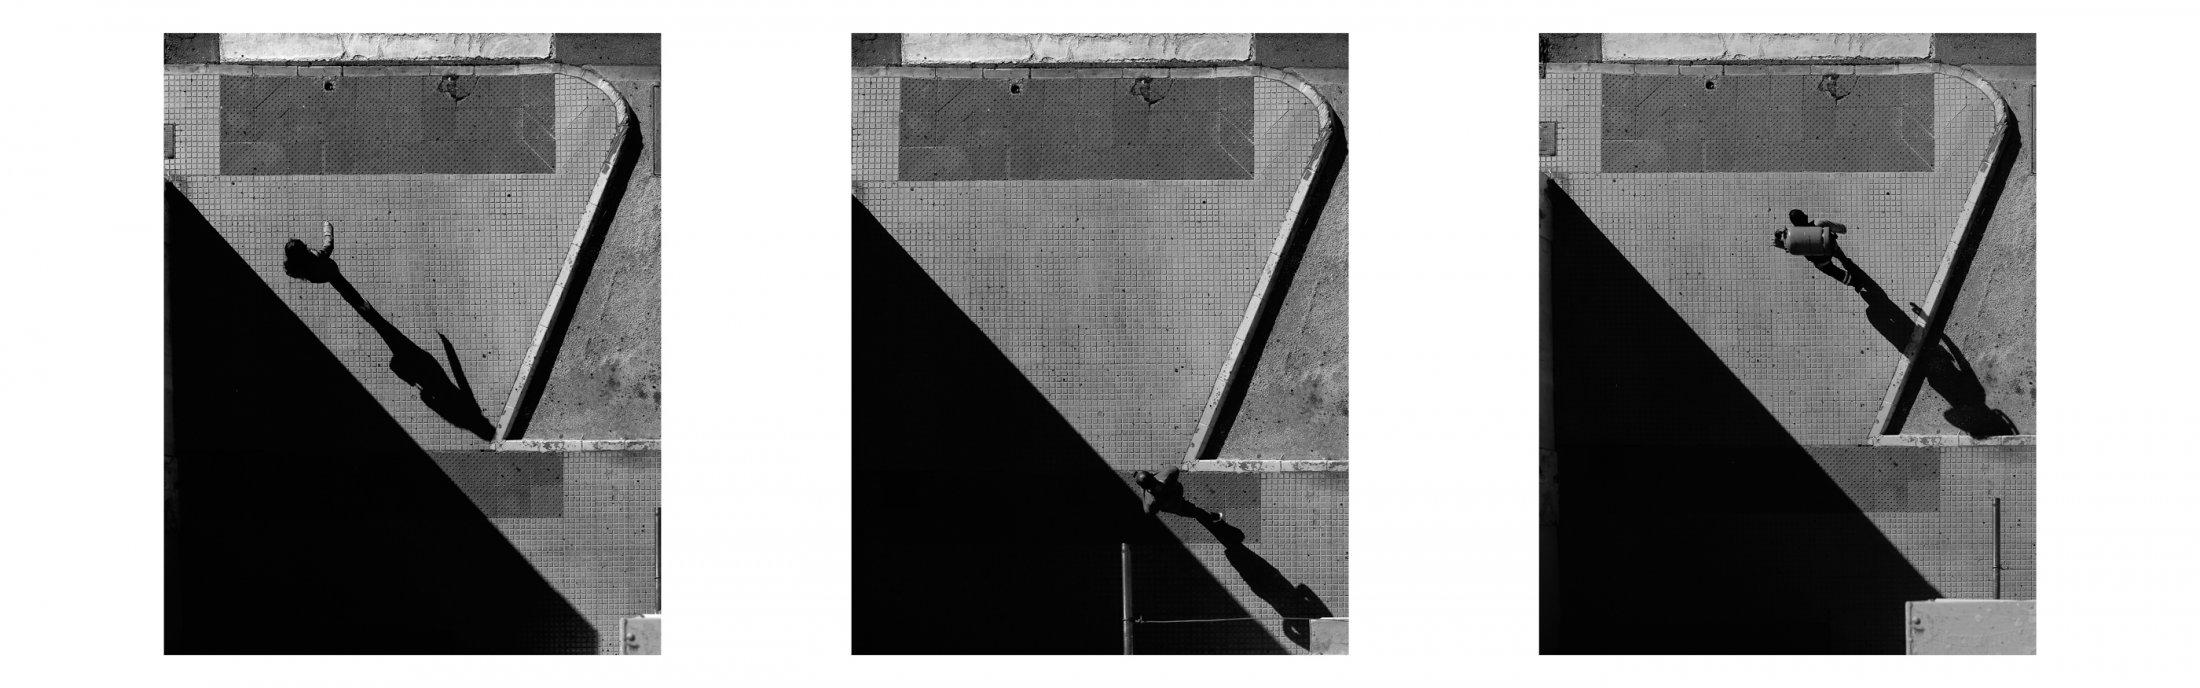 056 - Formas Básicas